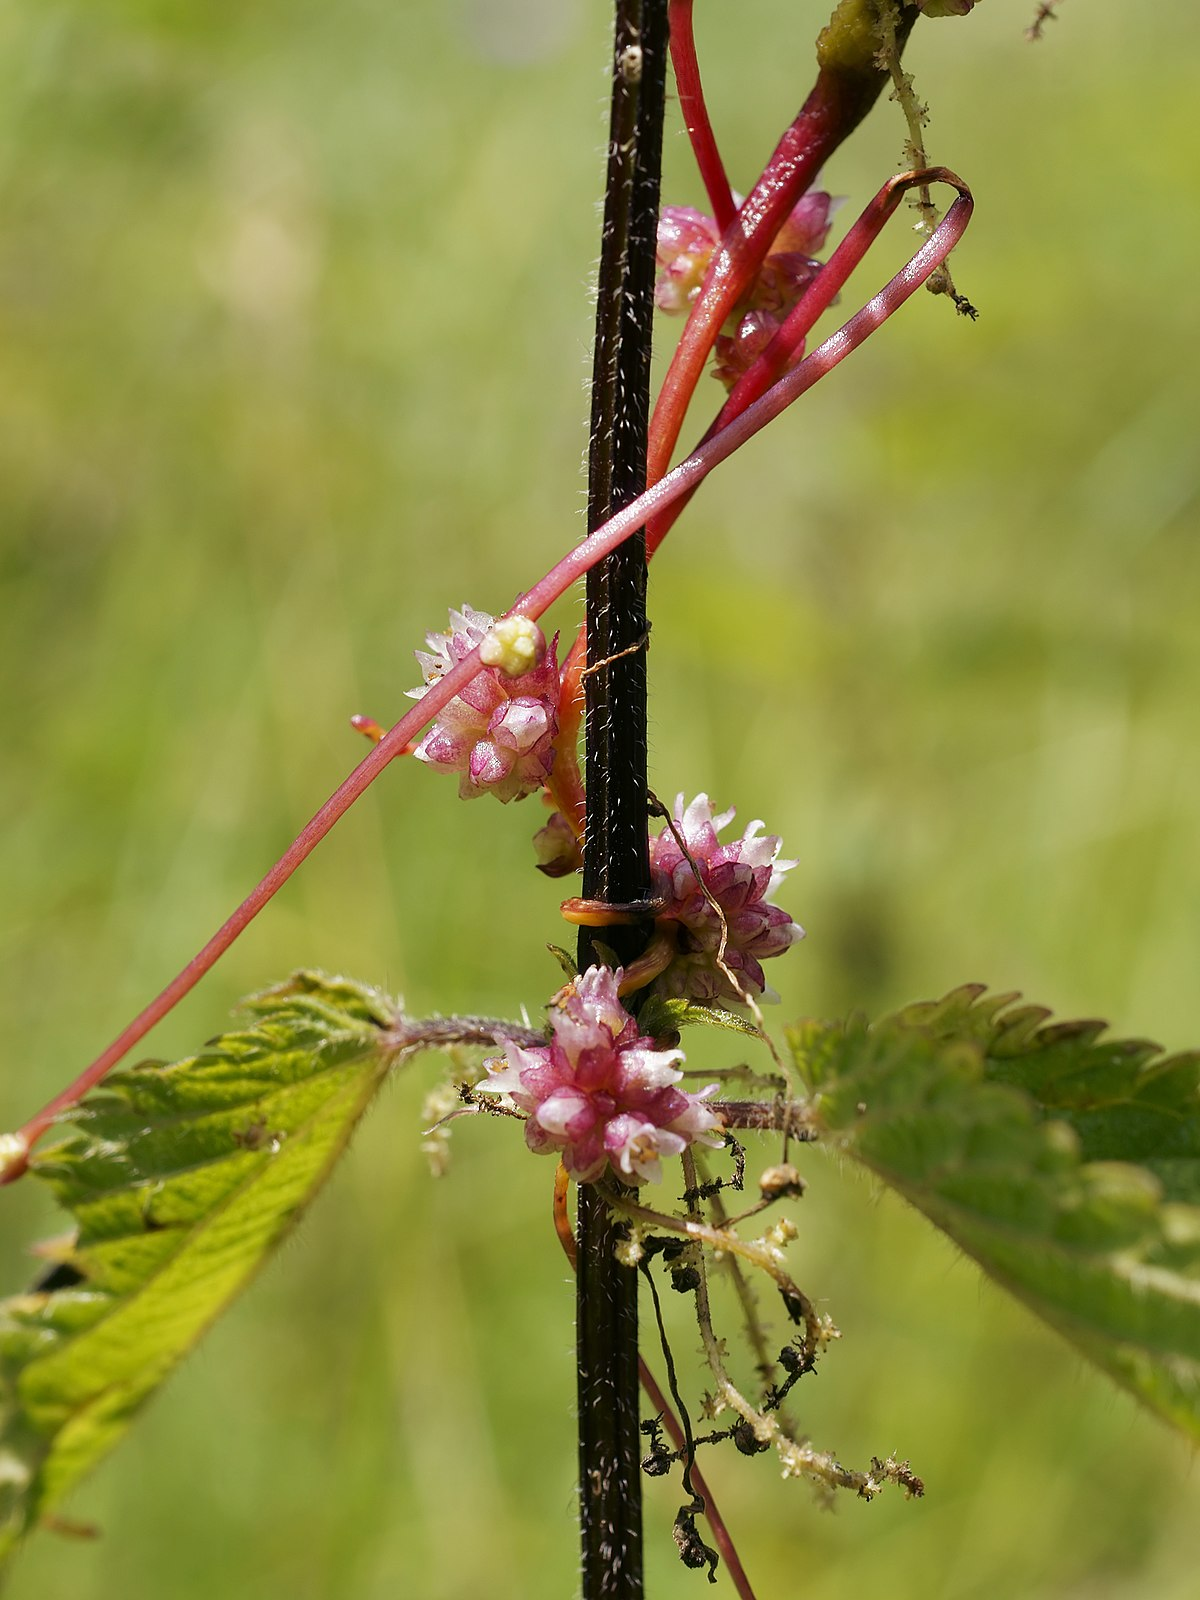 une plante Martin 25 janvier trouvée par Martine et Ajonc - Page 2 1200px-Cuscuta_europaea_%28on_Urtica_dioica%29